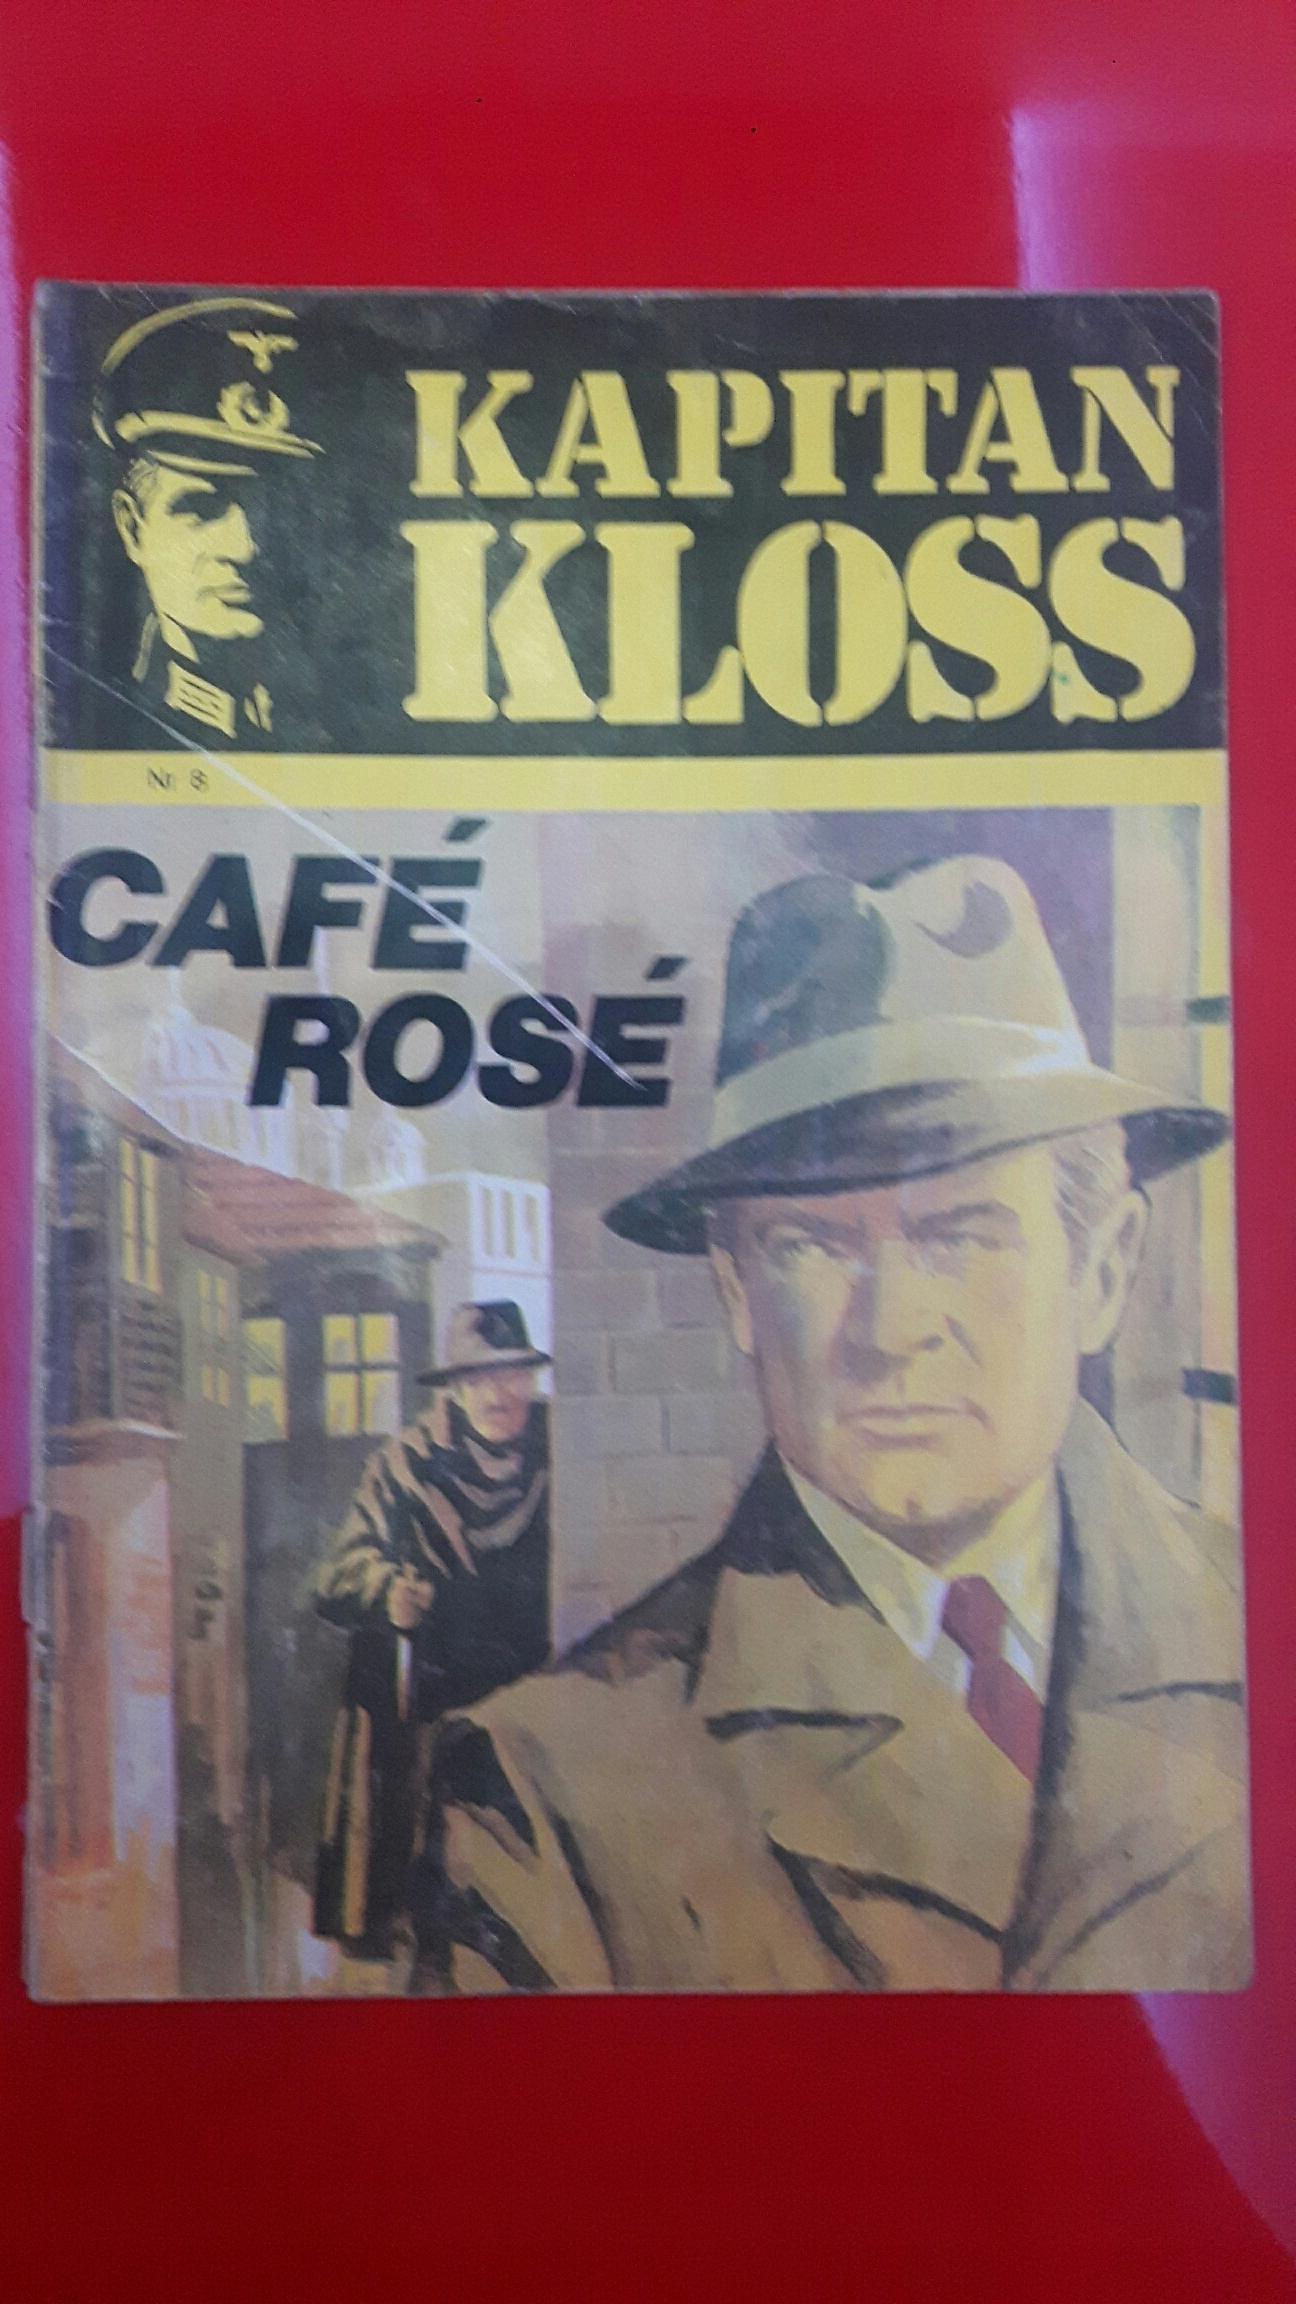 KLOSS - CAFE ROSE NR 8 1986